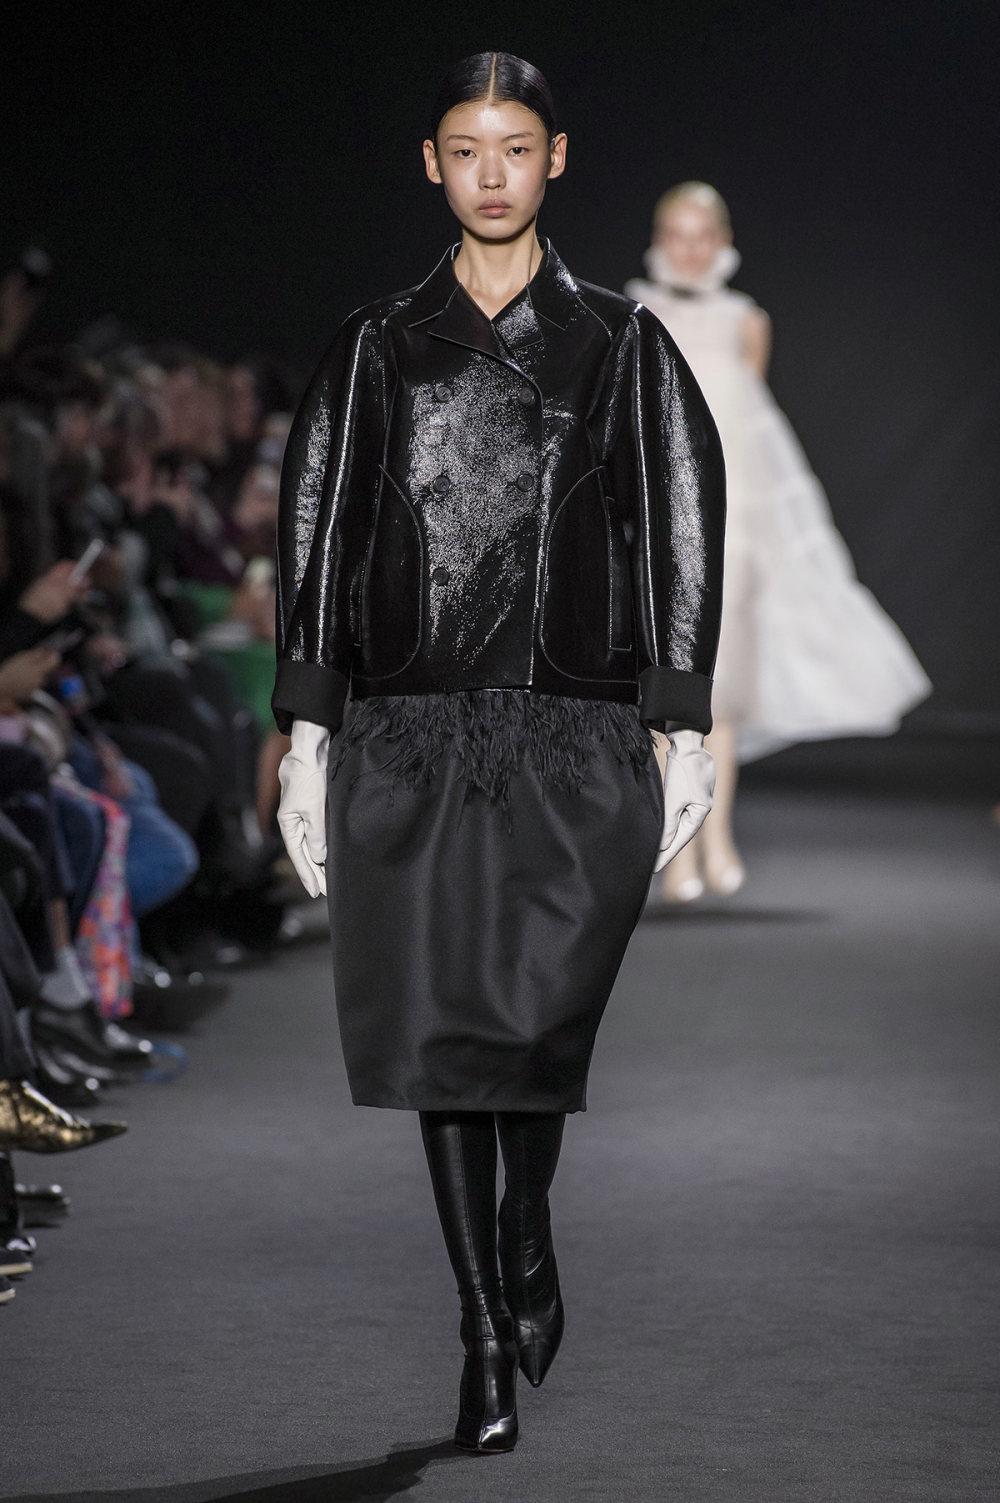 Rochas时装系列黑色无领斜纹软呢褶皱的黑色裙身饰有超细短袖衬衫-13.jpg